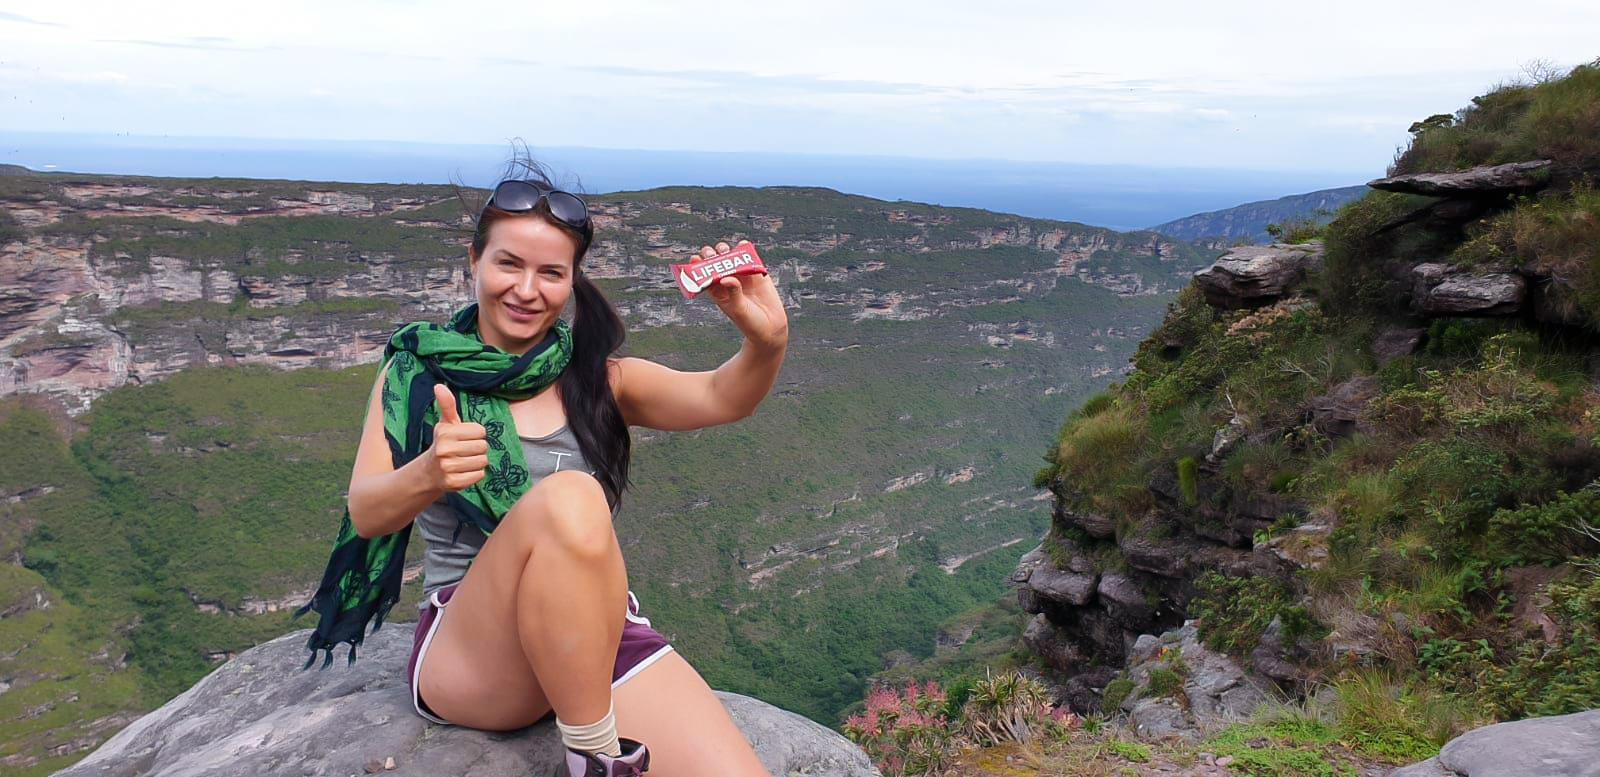 Tereza Havrlandová, majitelka Lifefoodu, je nadšenou cestovatelkou.